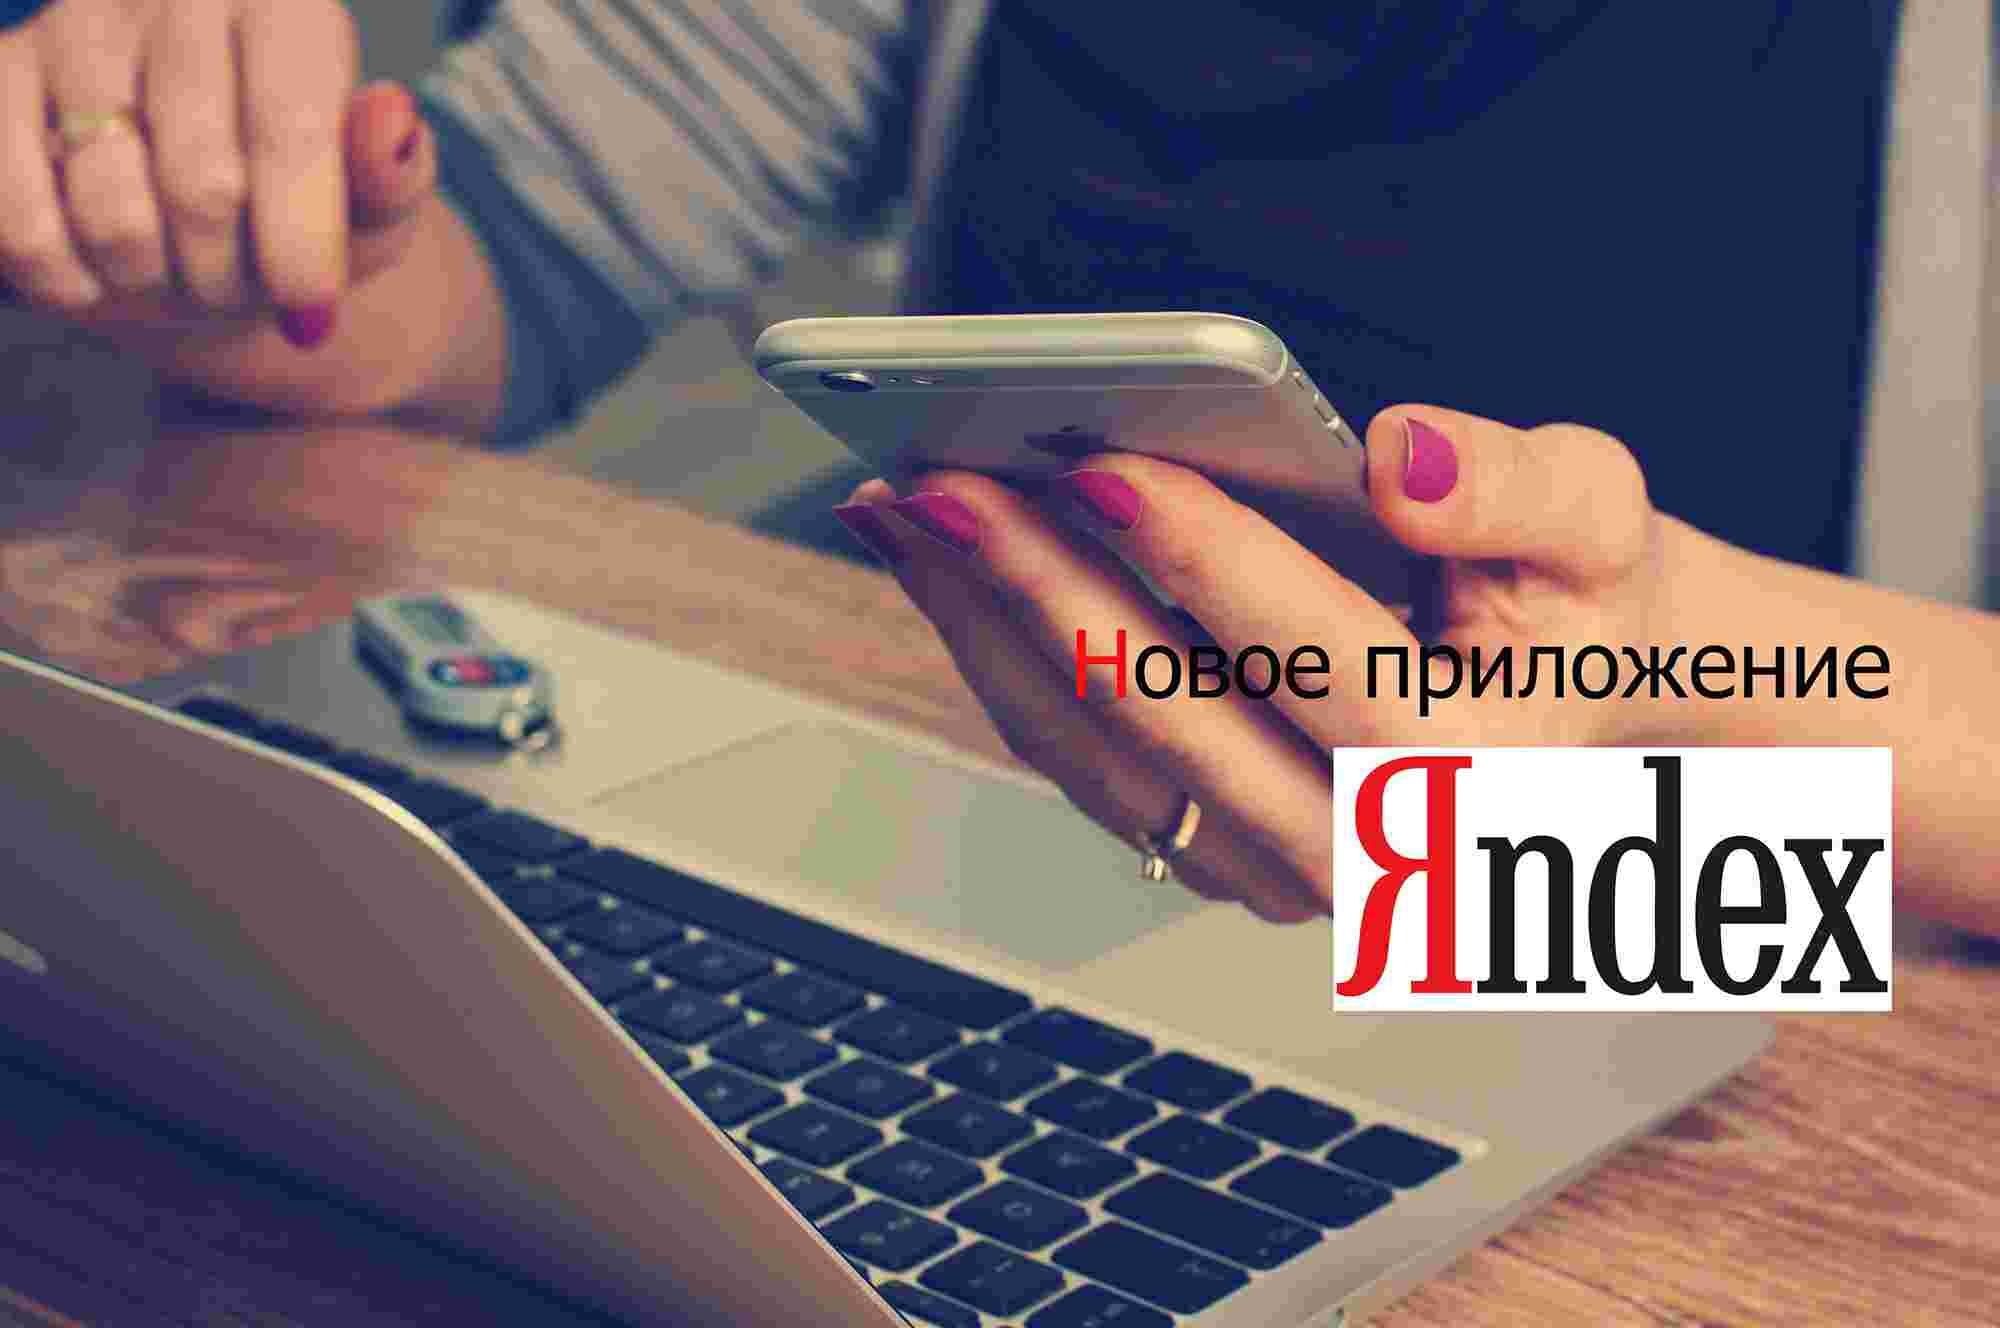 Изображение новое приложение Яндекс